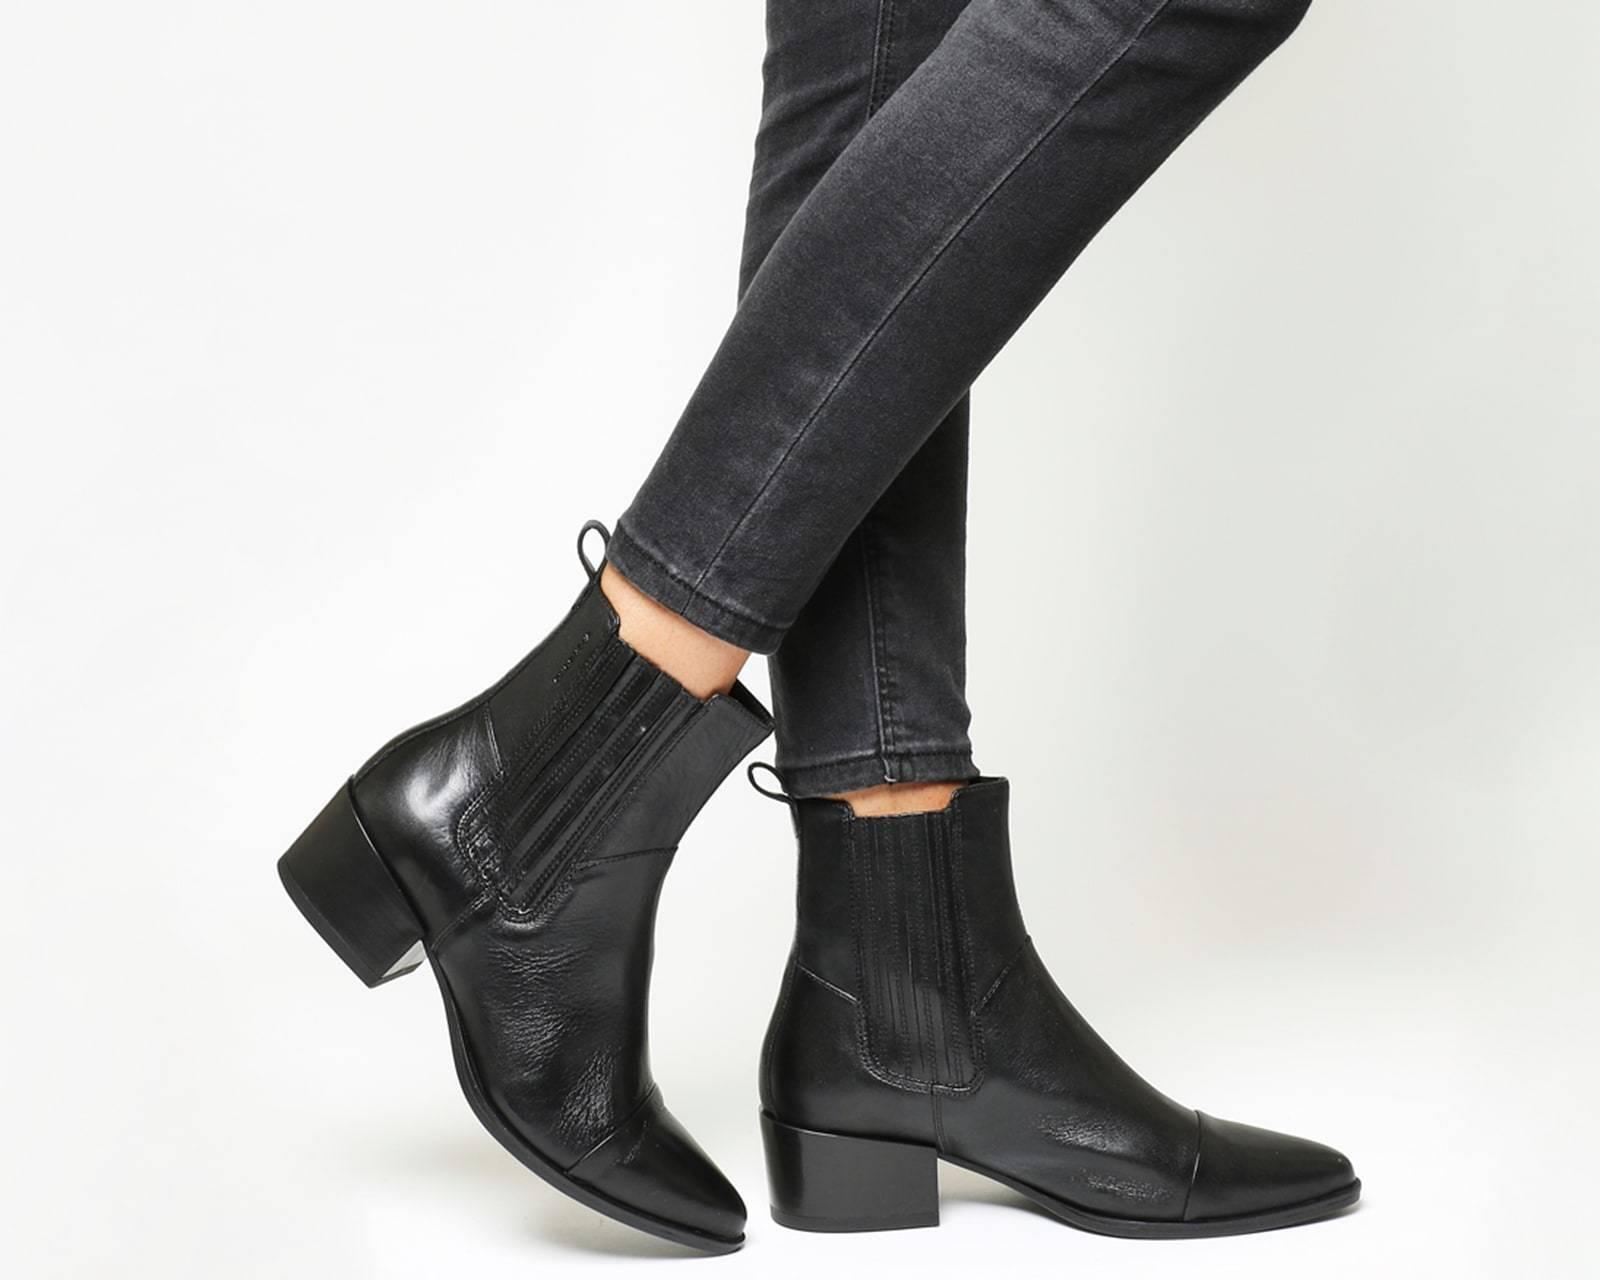 Bottes Vagabond Marja Chelsea Bottes Noir Noir Noir Bottes en cuir 5c1e60